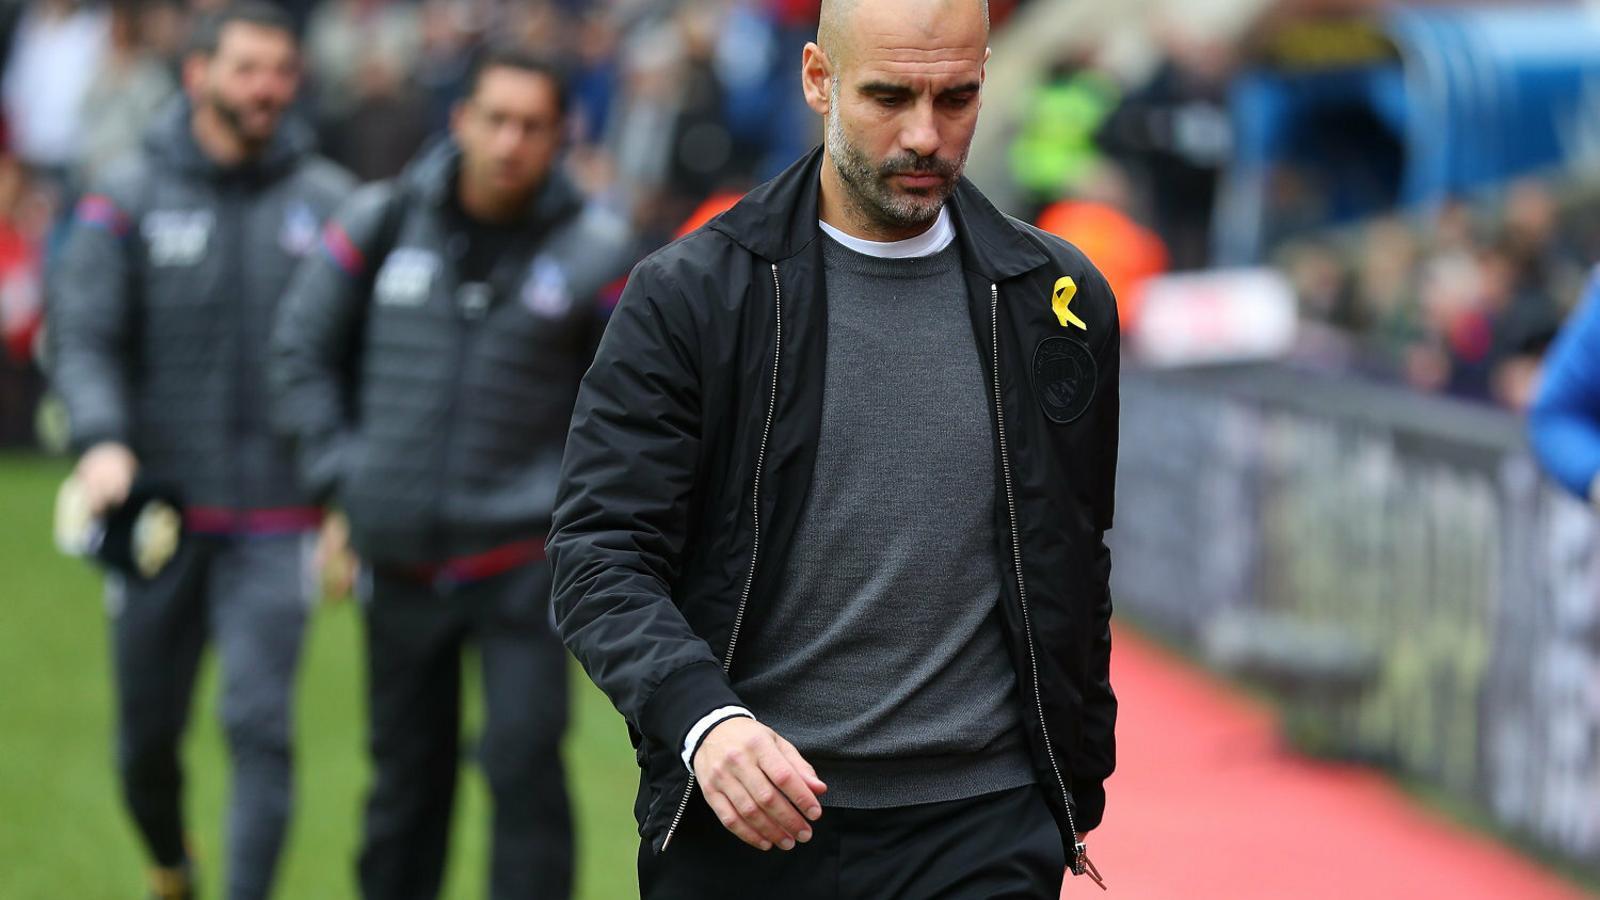 Pep Guardiola, aquí en una foto del desembre del 2017, va portar el llaç groc fins que la Federació Anglesa l'hi va prohibir.